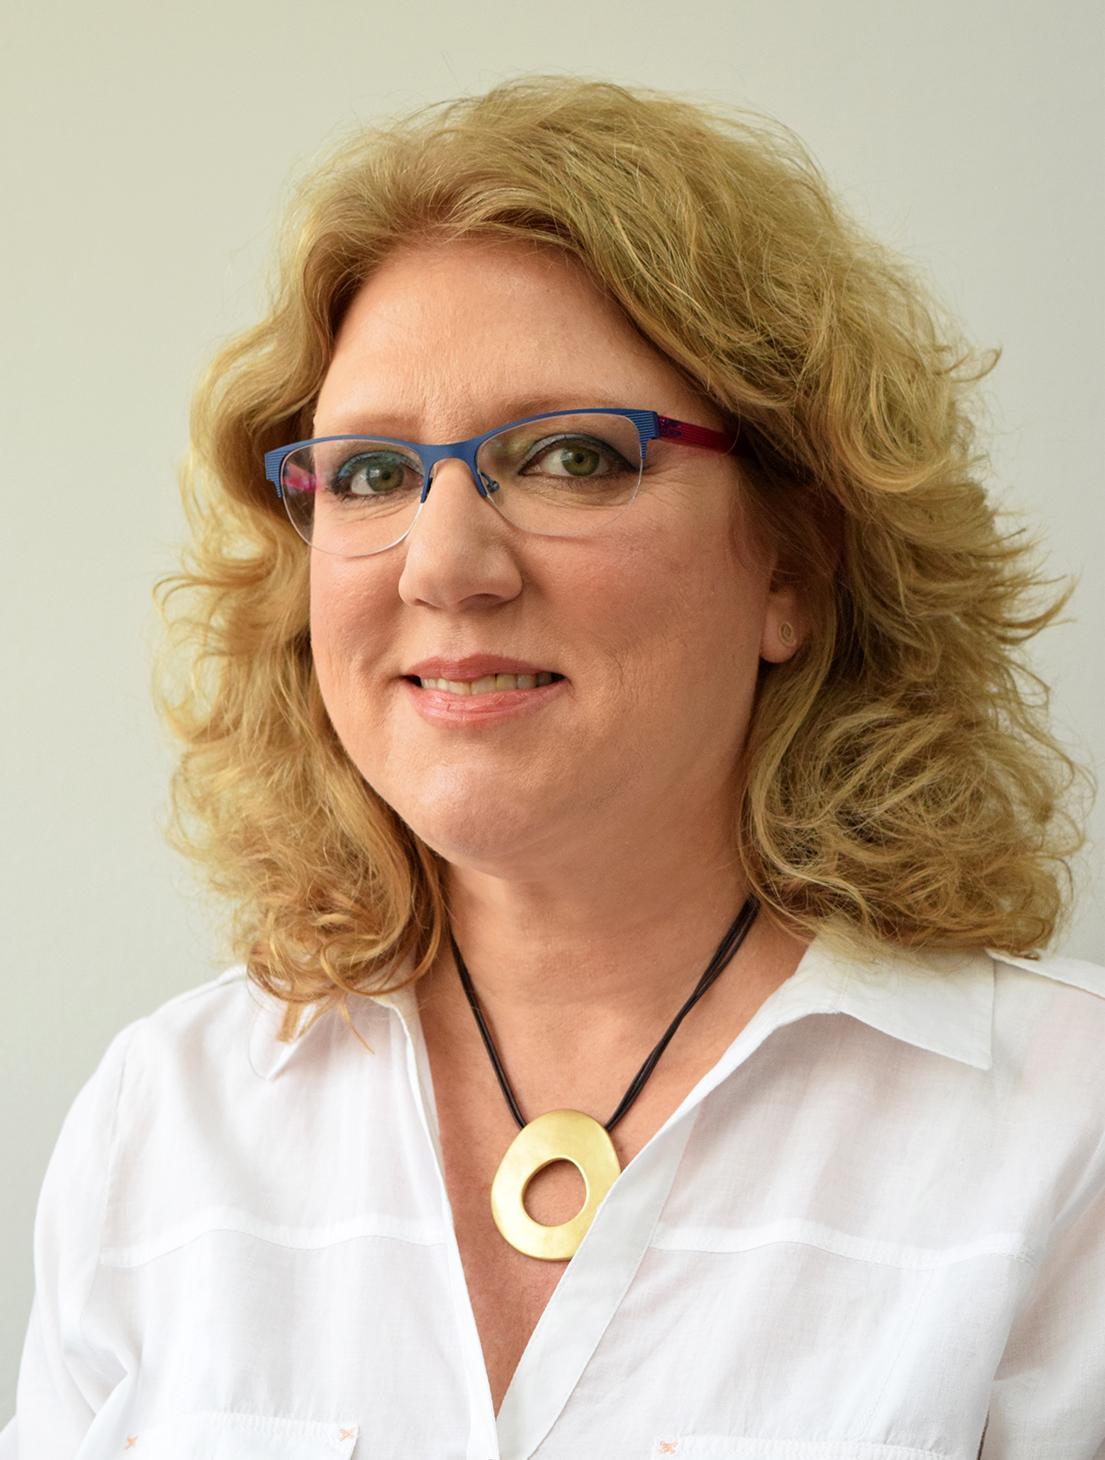 Rachel Safra-Zafrany